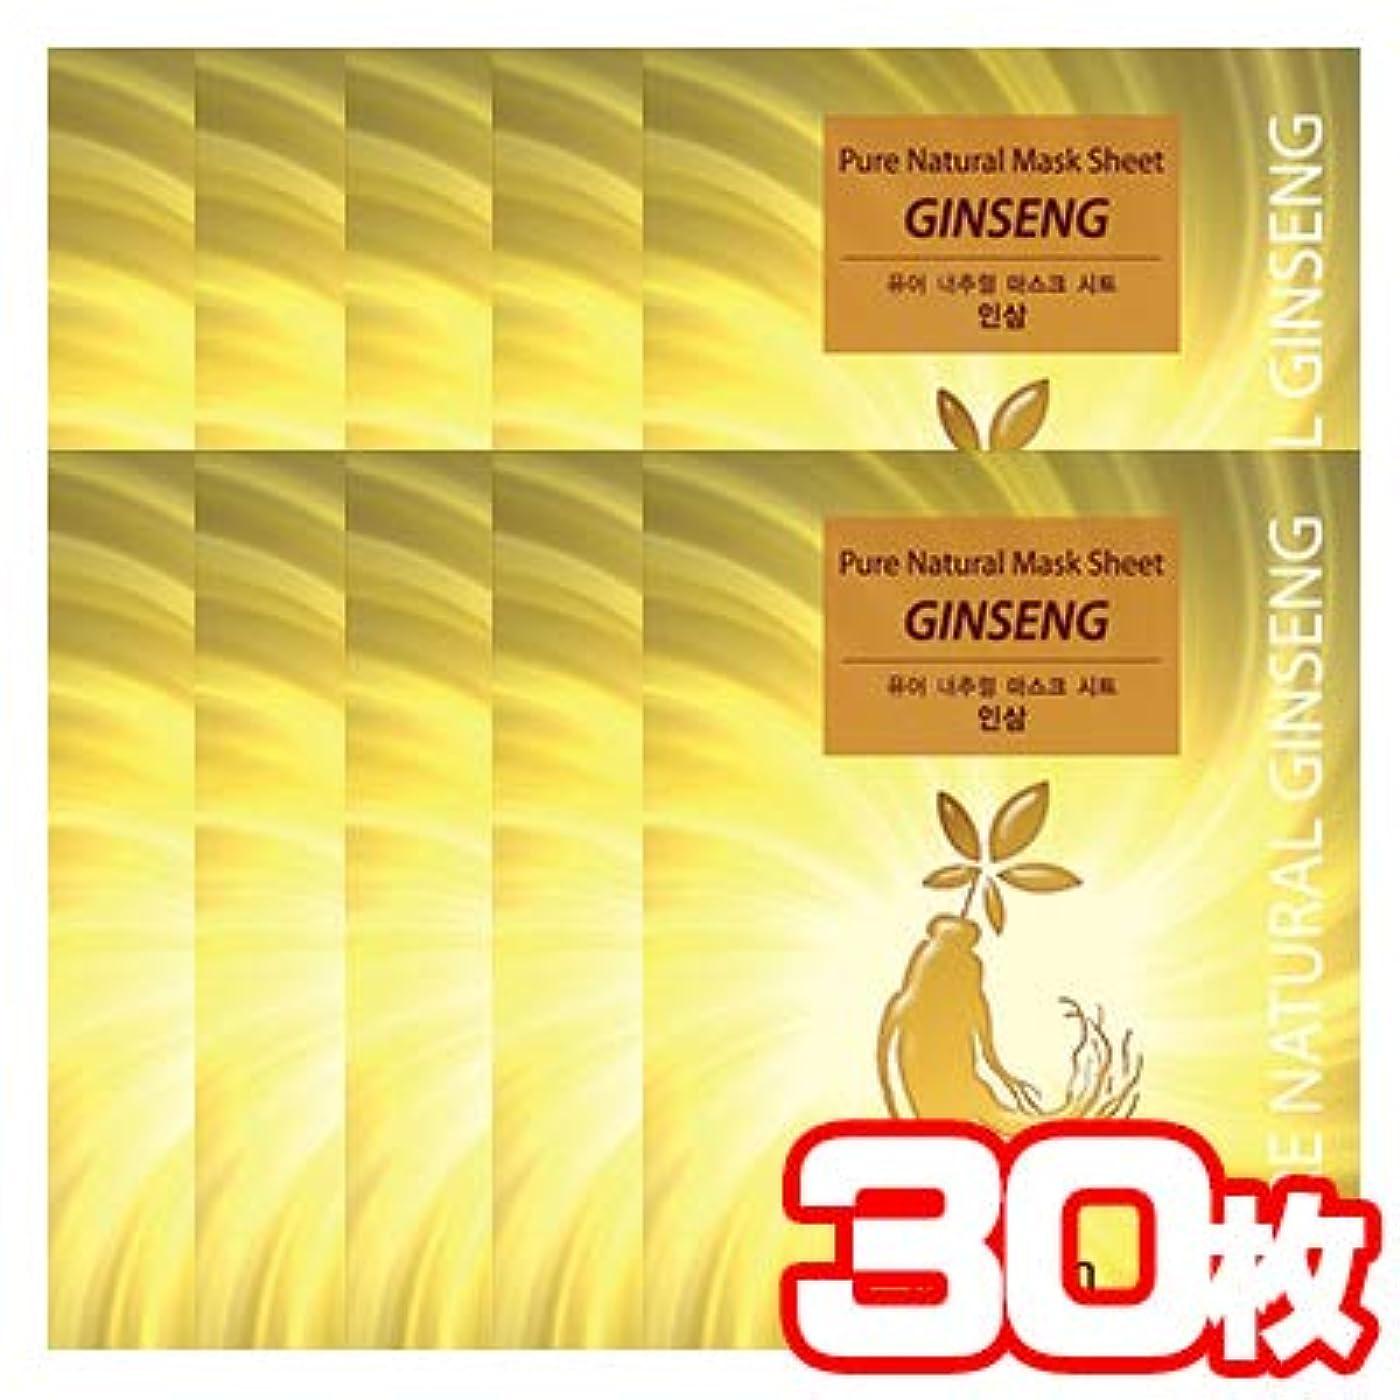 考古学者病気ペナルティザセム ピュア ナチュラル マスクシート 3類 Pure Natural Mask Sheet 20mlx30枚 (高麗人参(30枚))